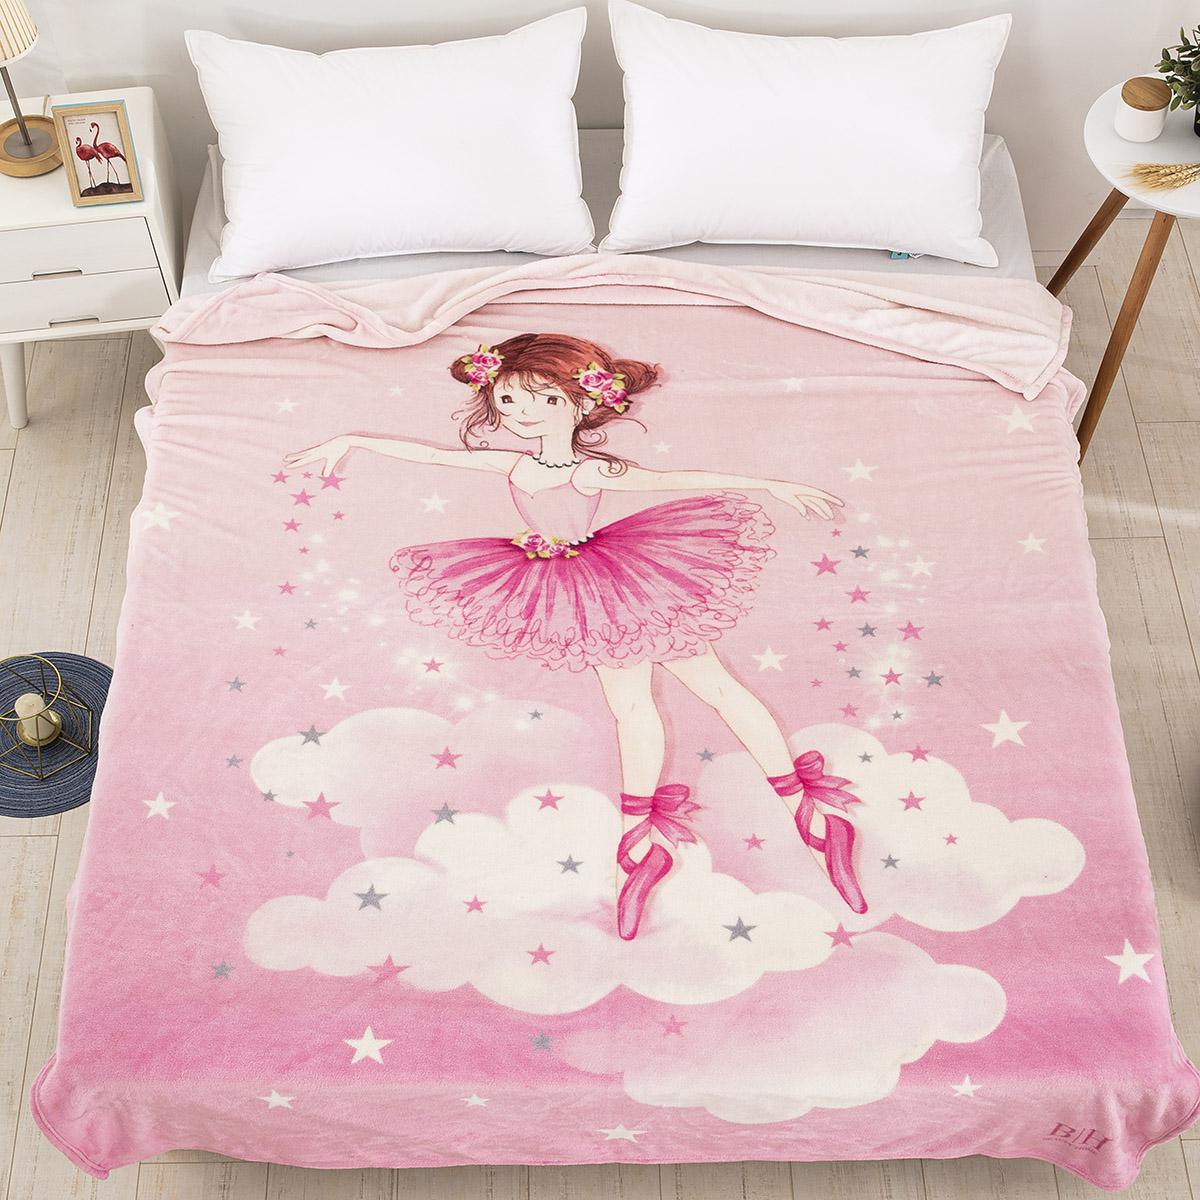 Κουβέρτα μονή Art 6163 160×220 Ροζ Beauty Home